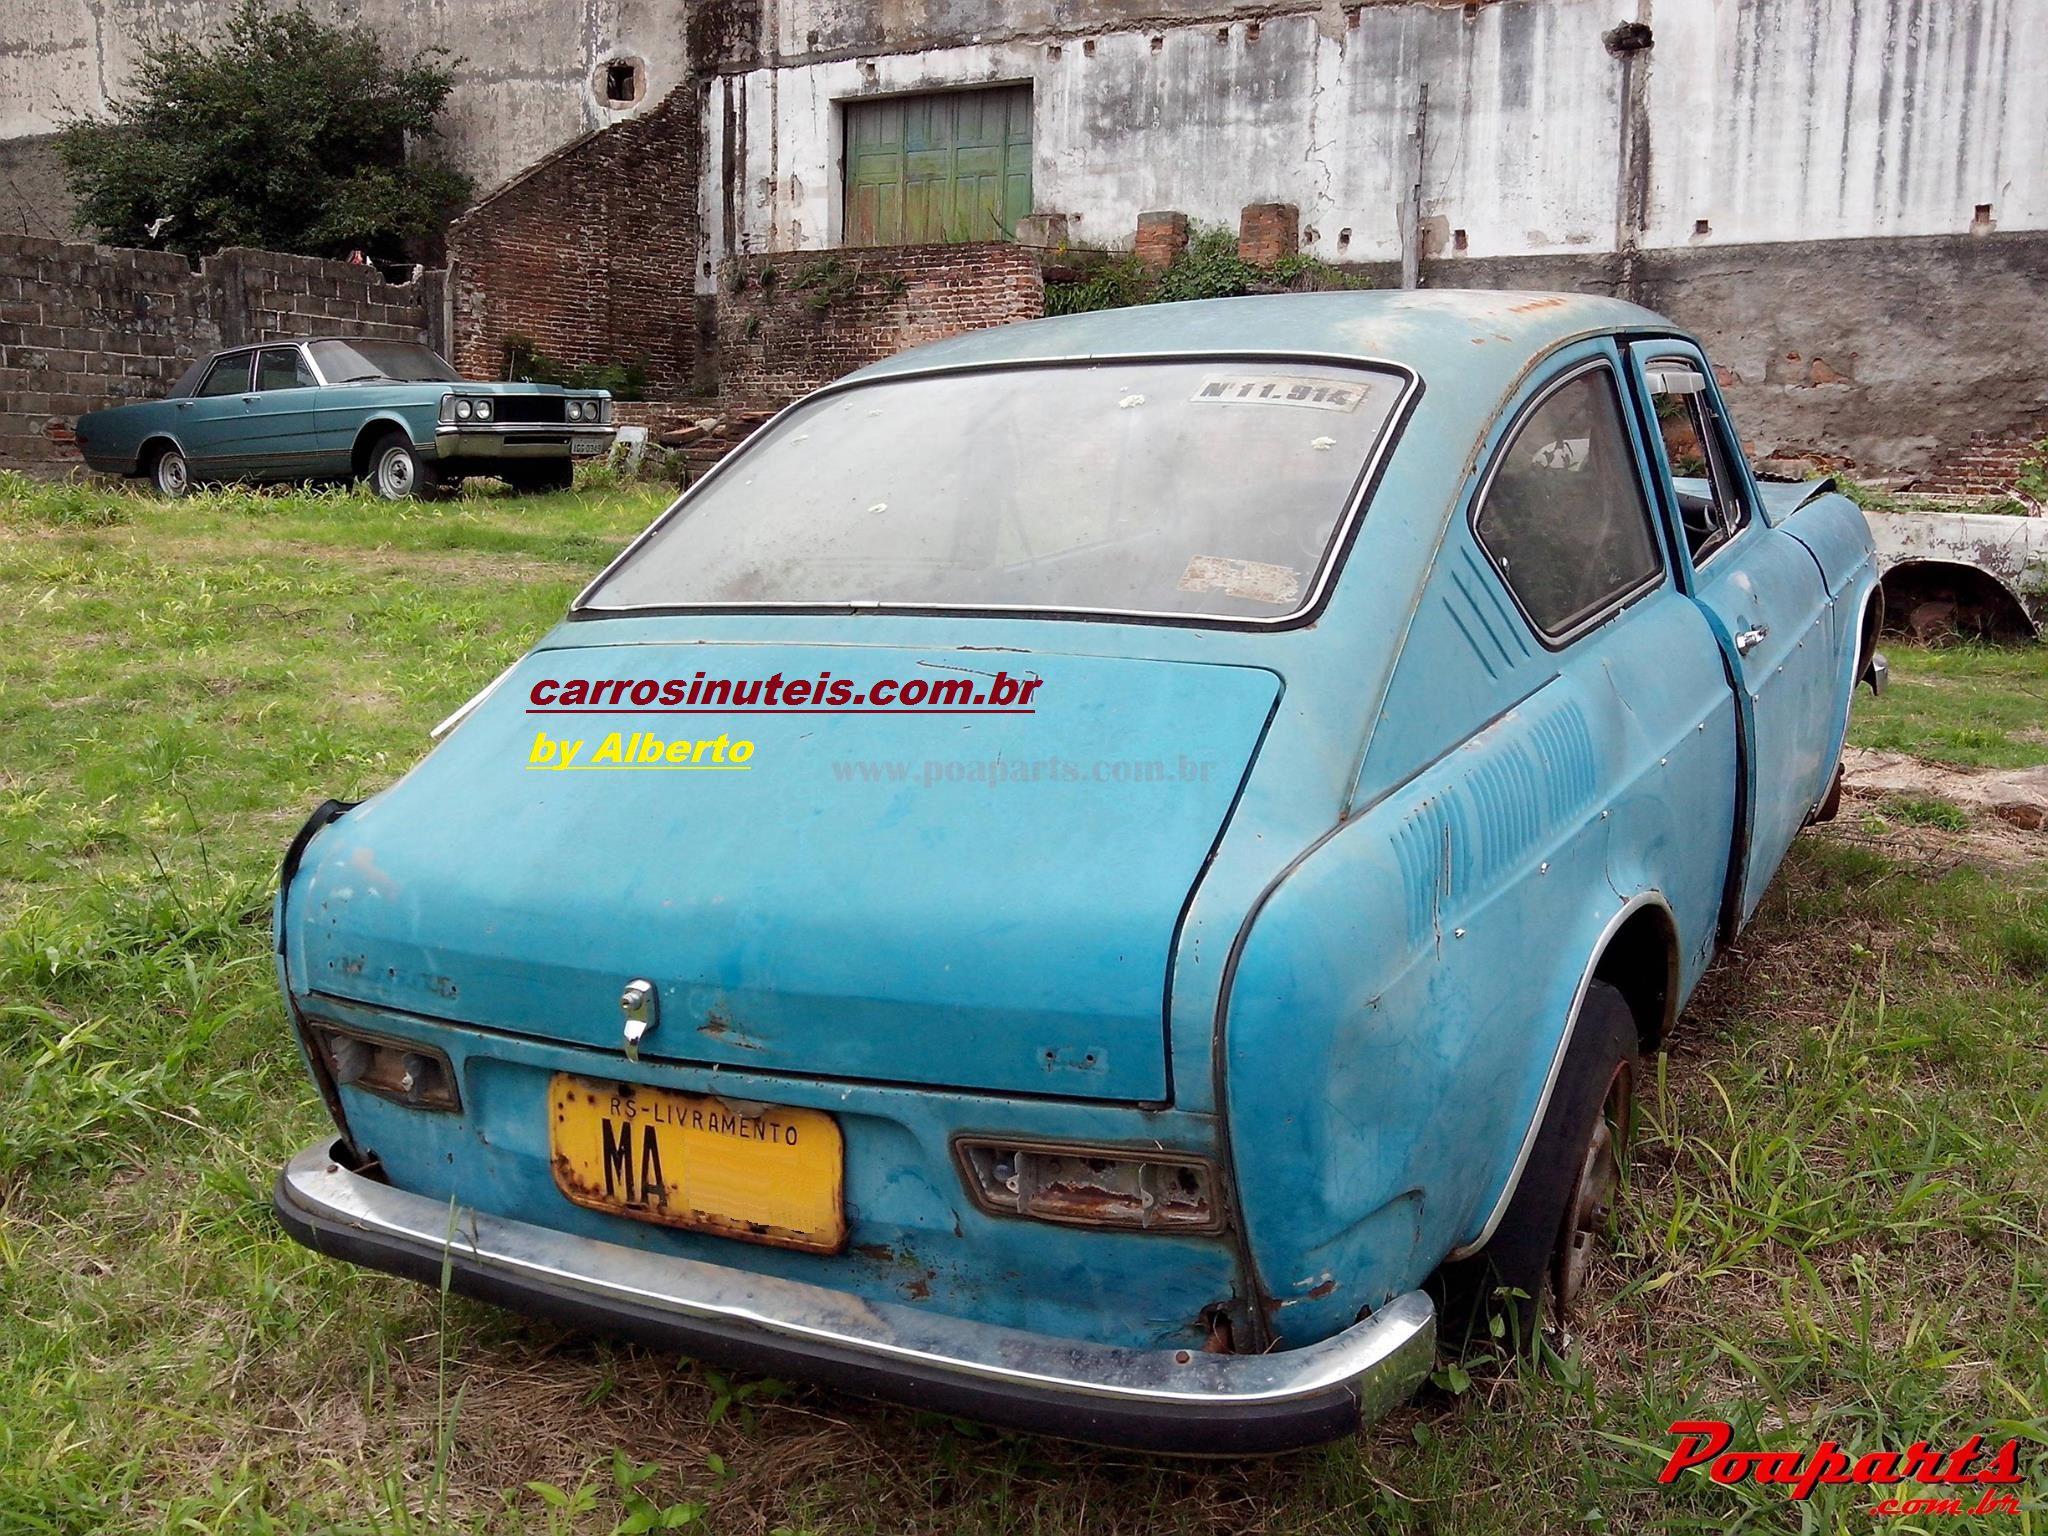 1891557_10203741412319664_145197652_o VW TL, by Alberto, Livramento-RS